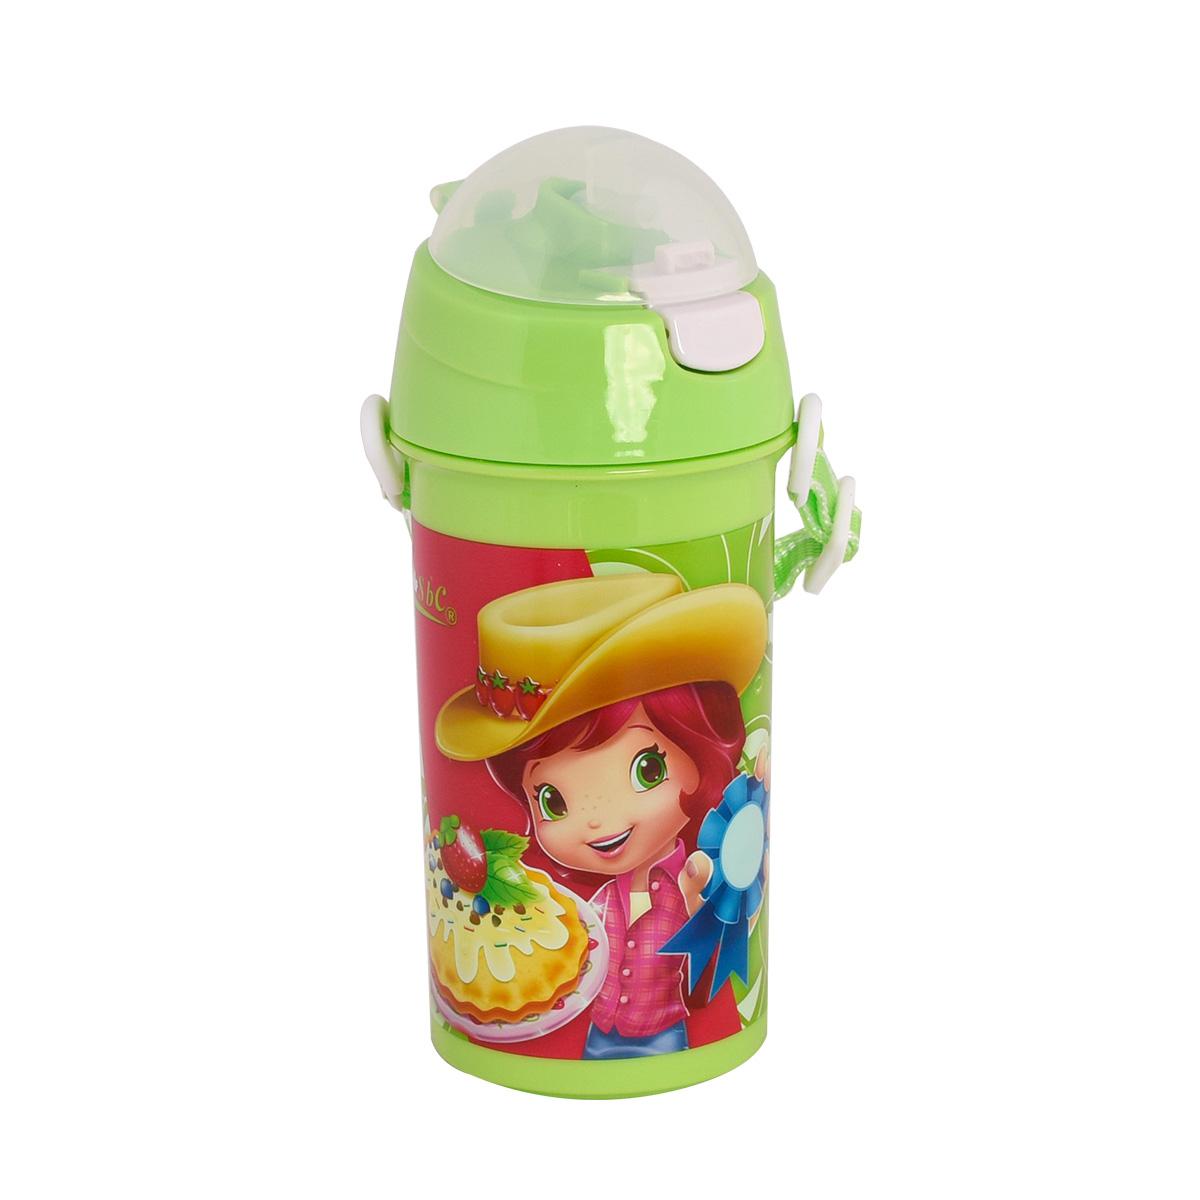 قارورة ماء مدرسية بلاستيكية لاطفال الروضه - بيوتي جيرل 4927-152